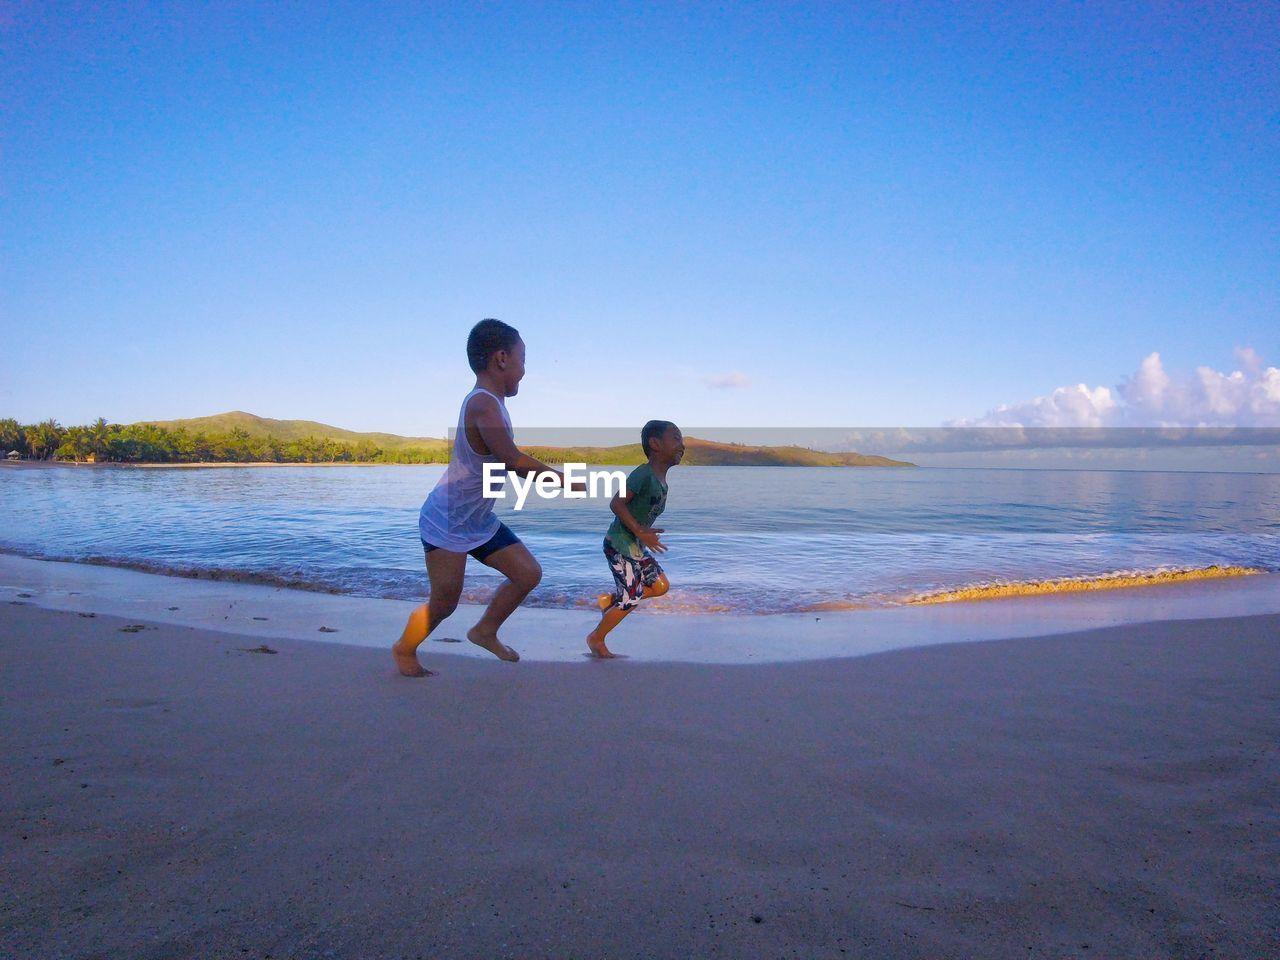 BOY ON BEACH AGAINST SKY